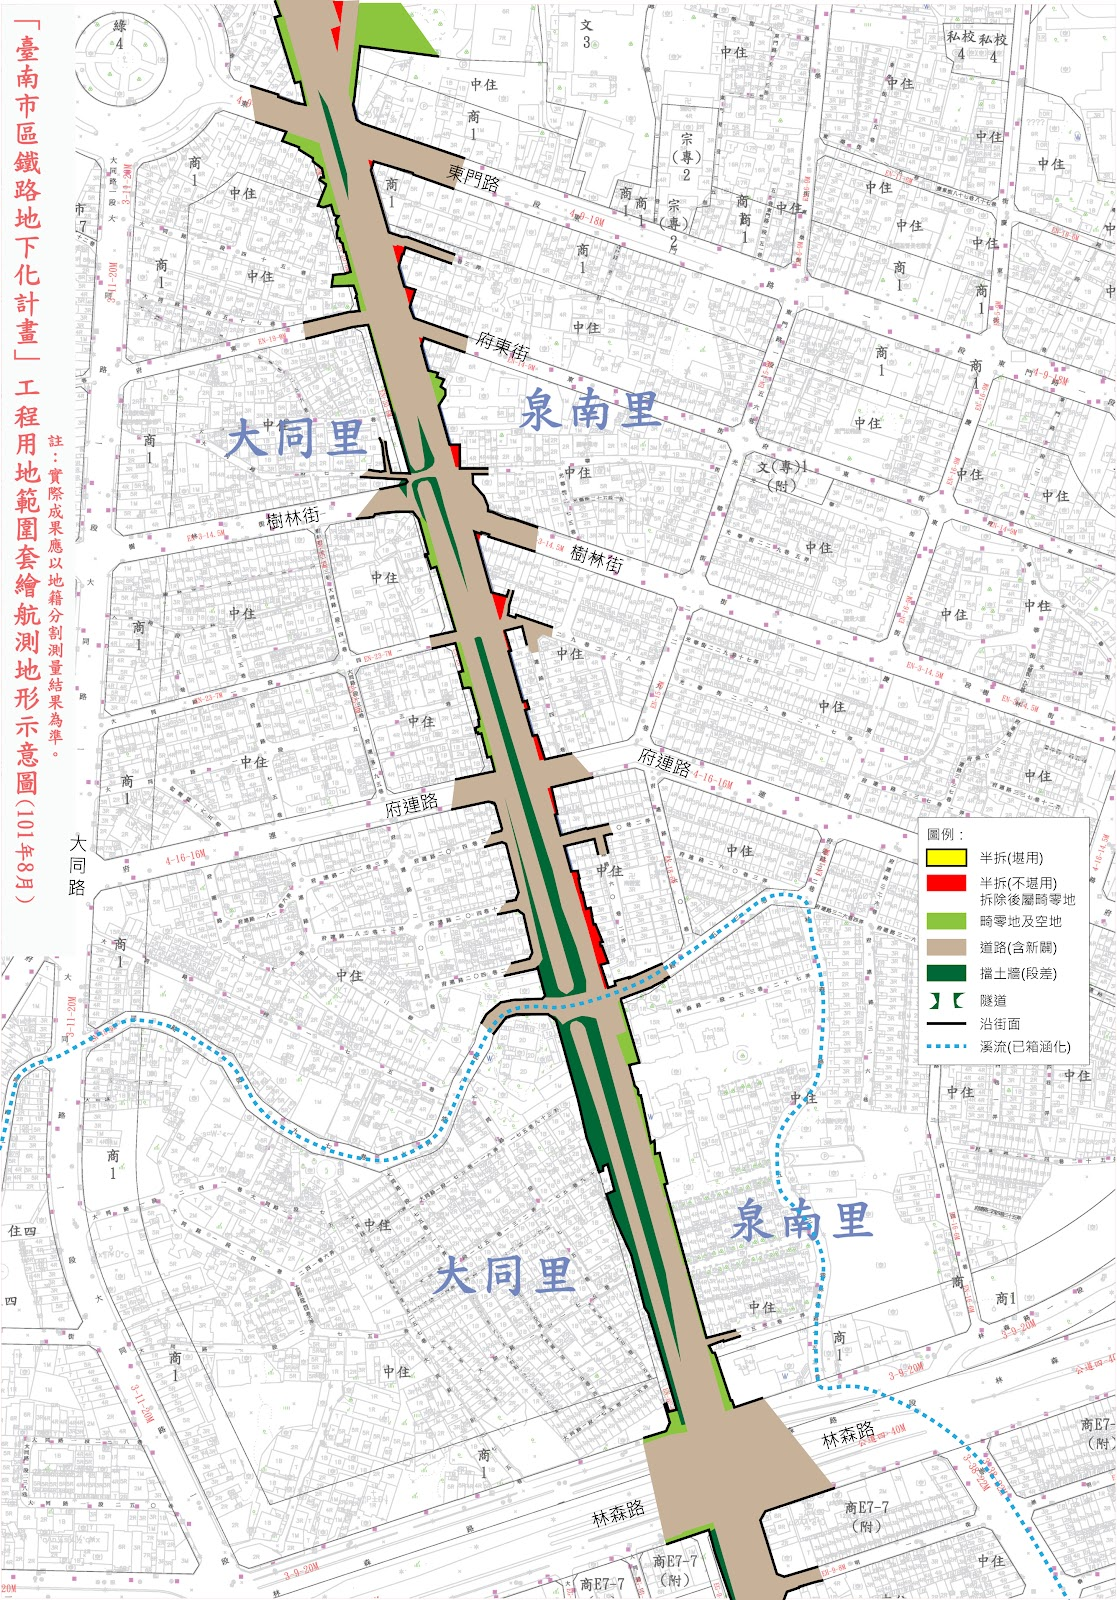 台南鐵路地下化航測圖-大同里-實際路廊.jpg